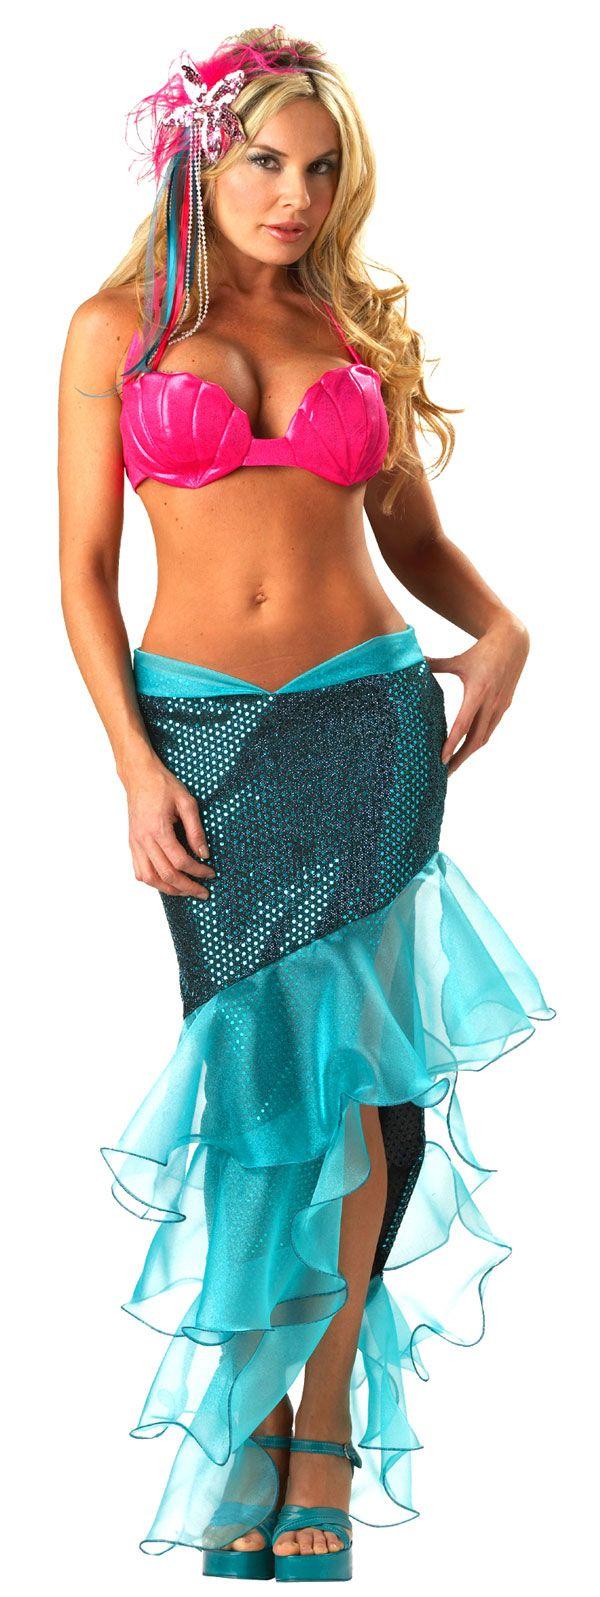 mermaid costume | Sexy Adult Premier Sea Goddess Mermaid Costume